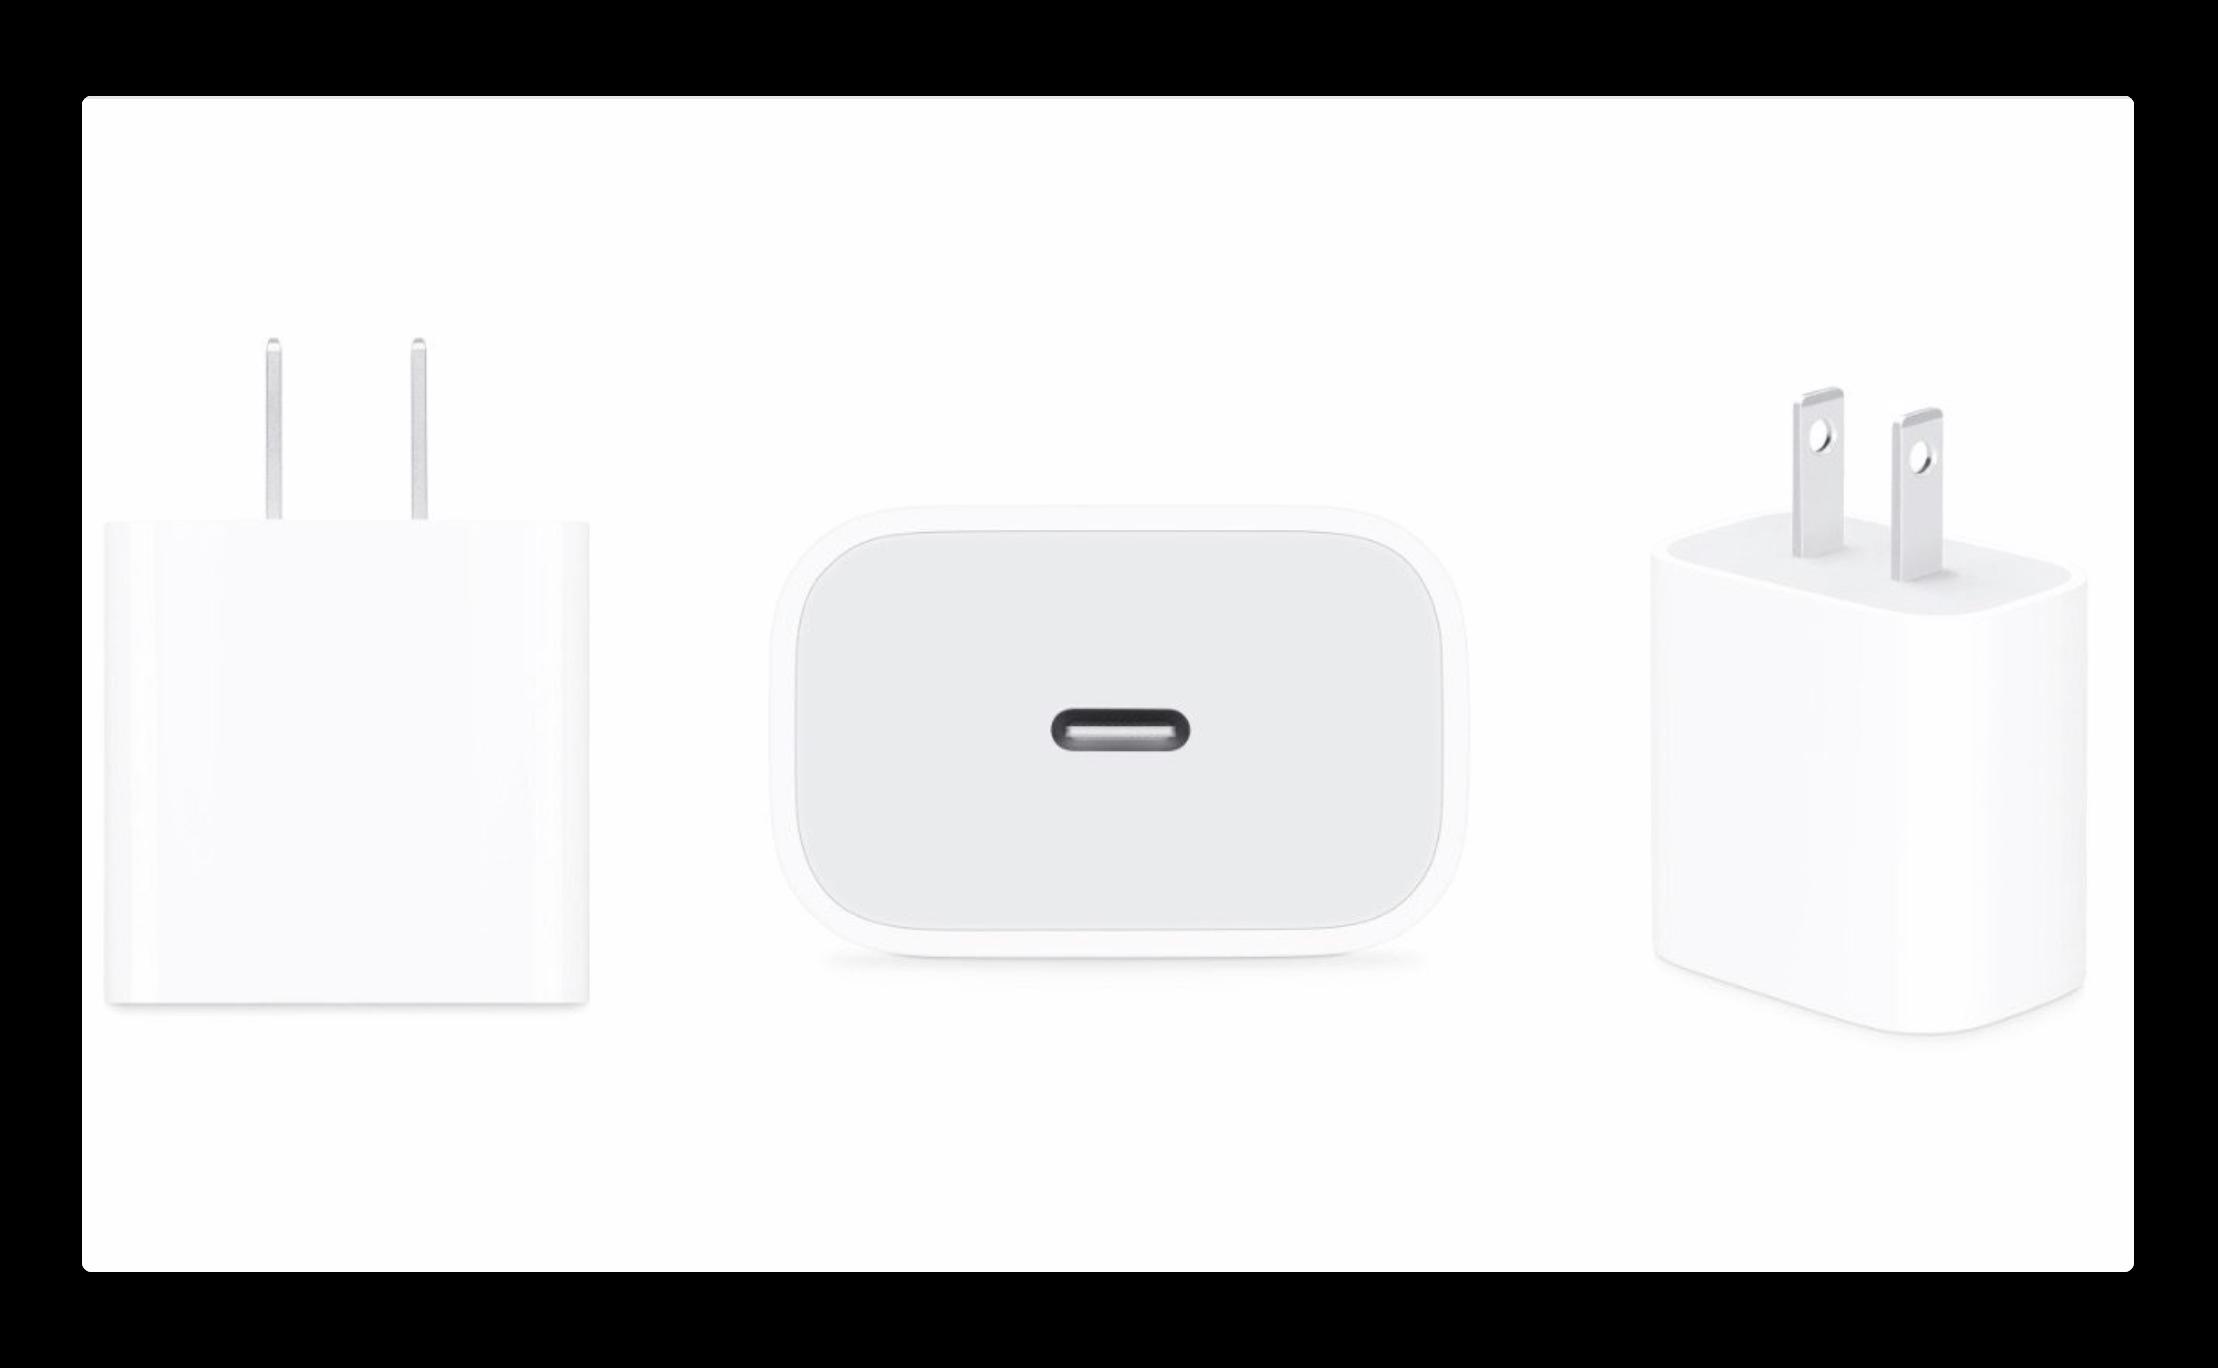 Apple、iPad Pro 2018でのみ利用可能な「18W USB-C電源アダプタ」を別途発売